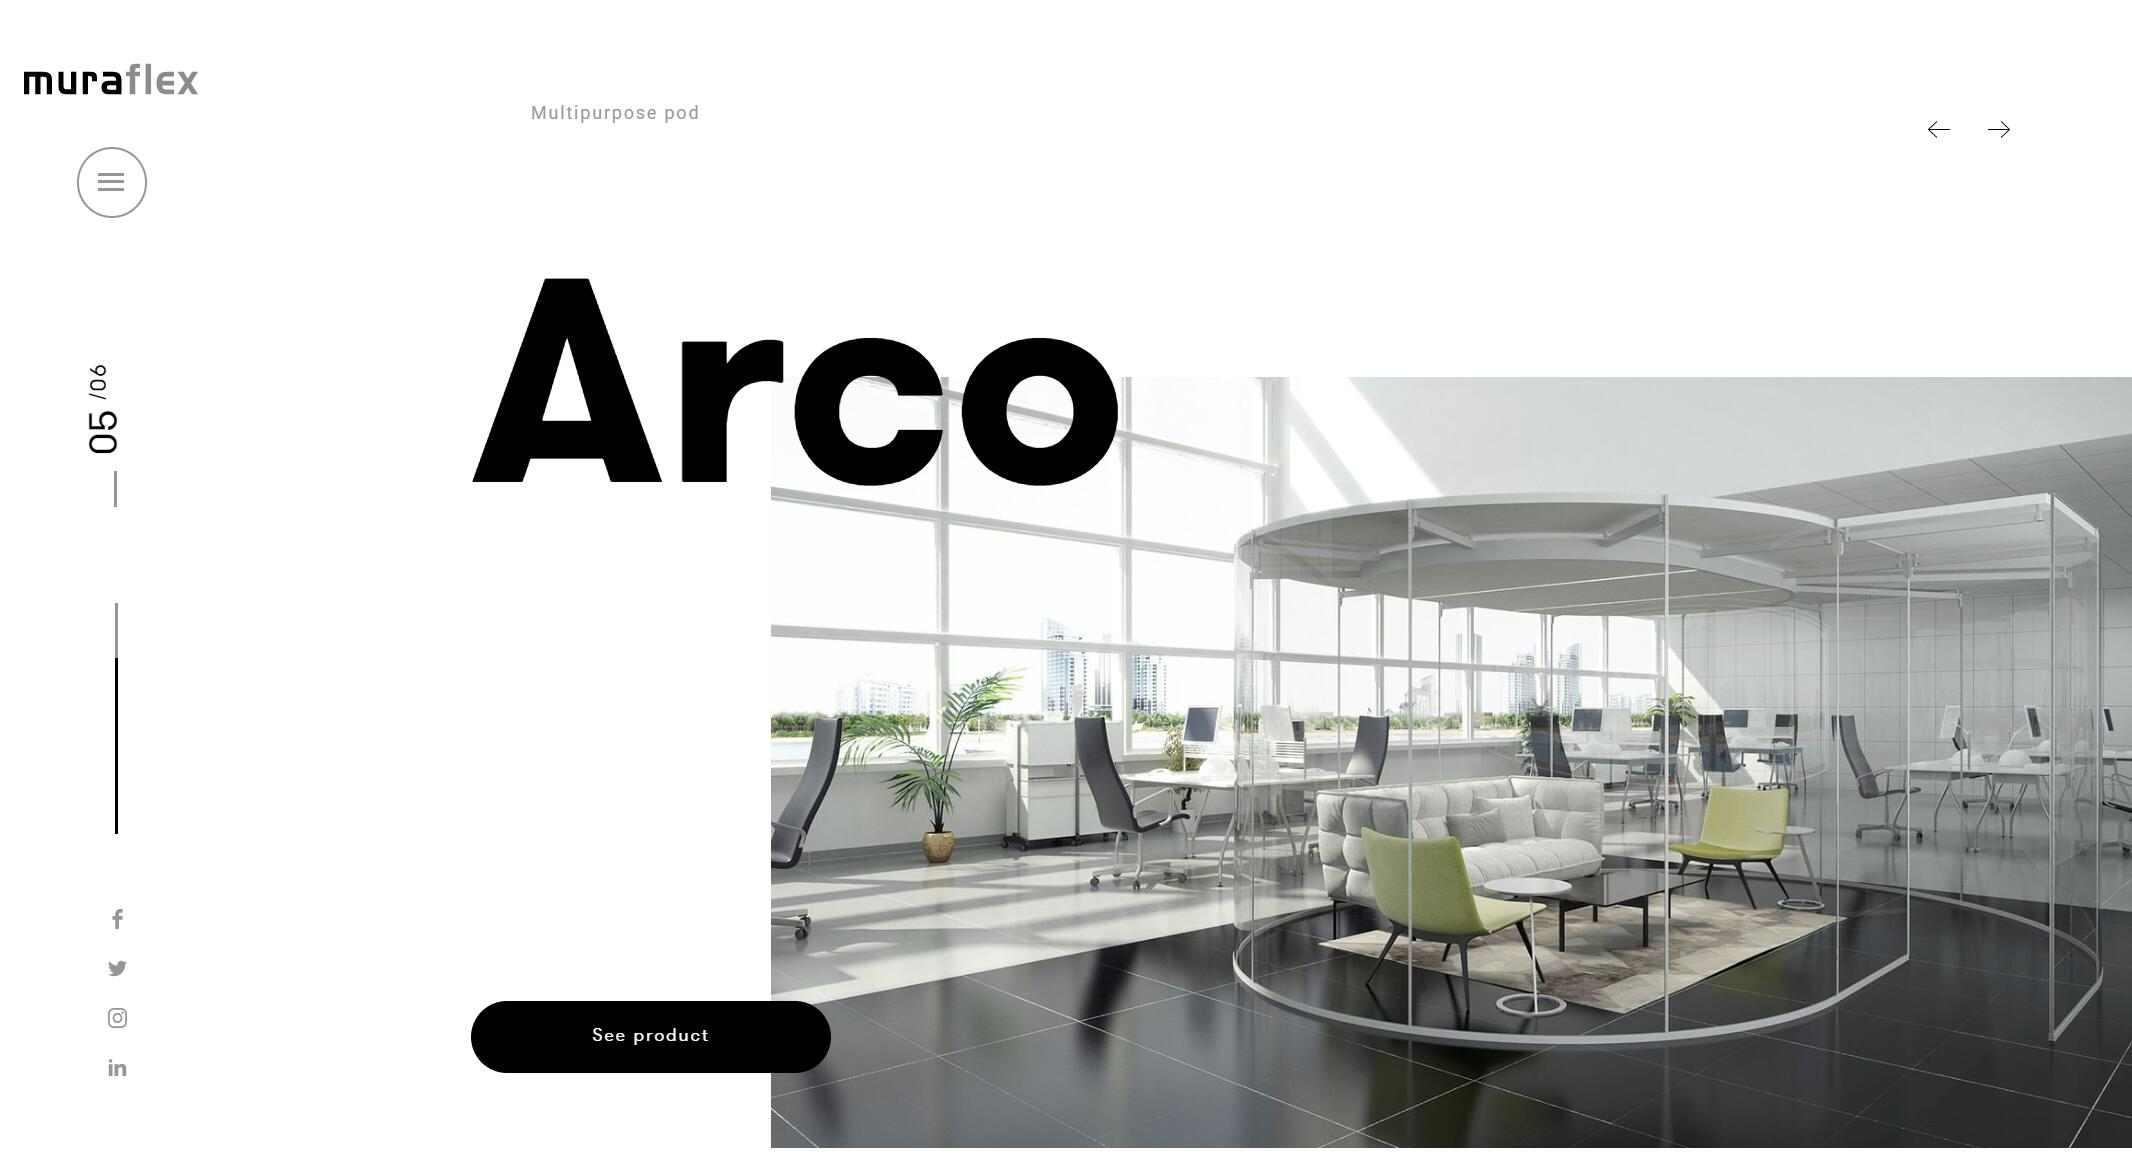 Website design inspiration – Muraflex